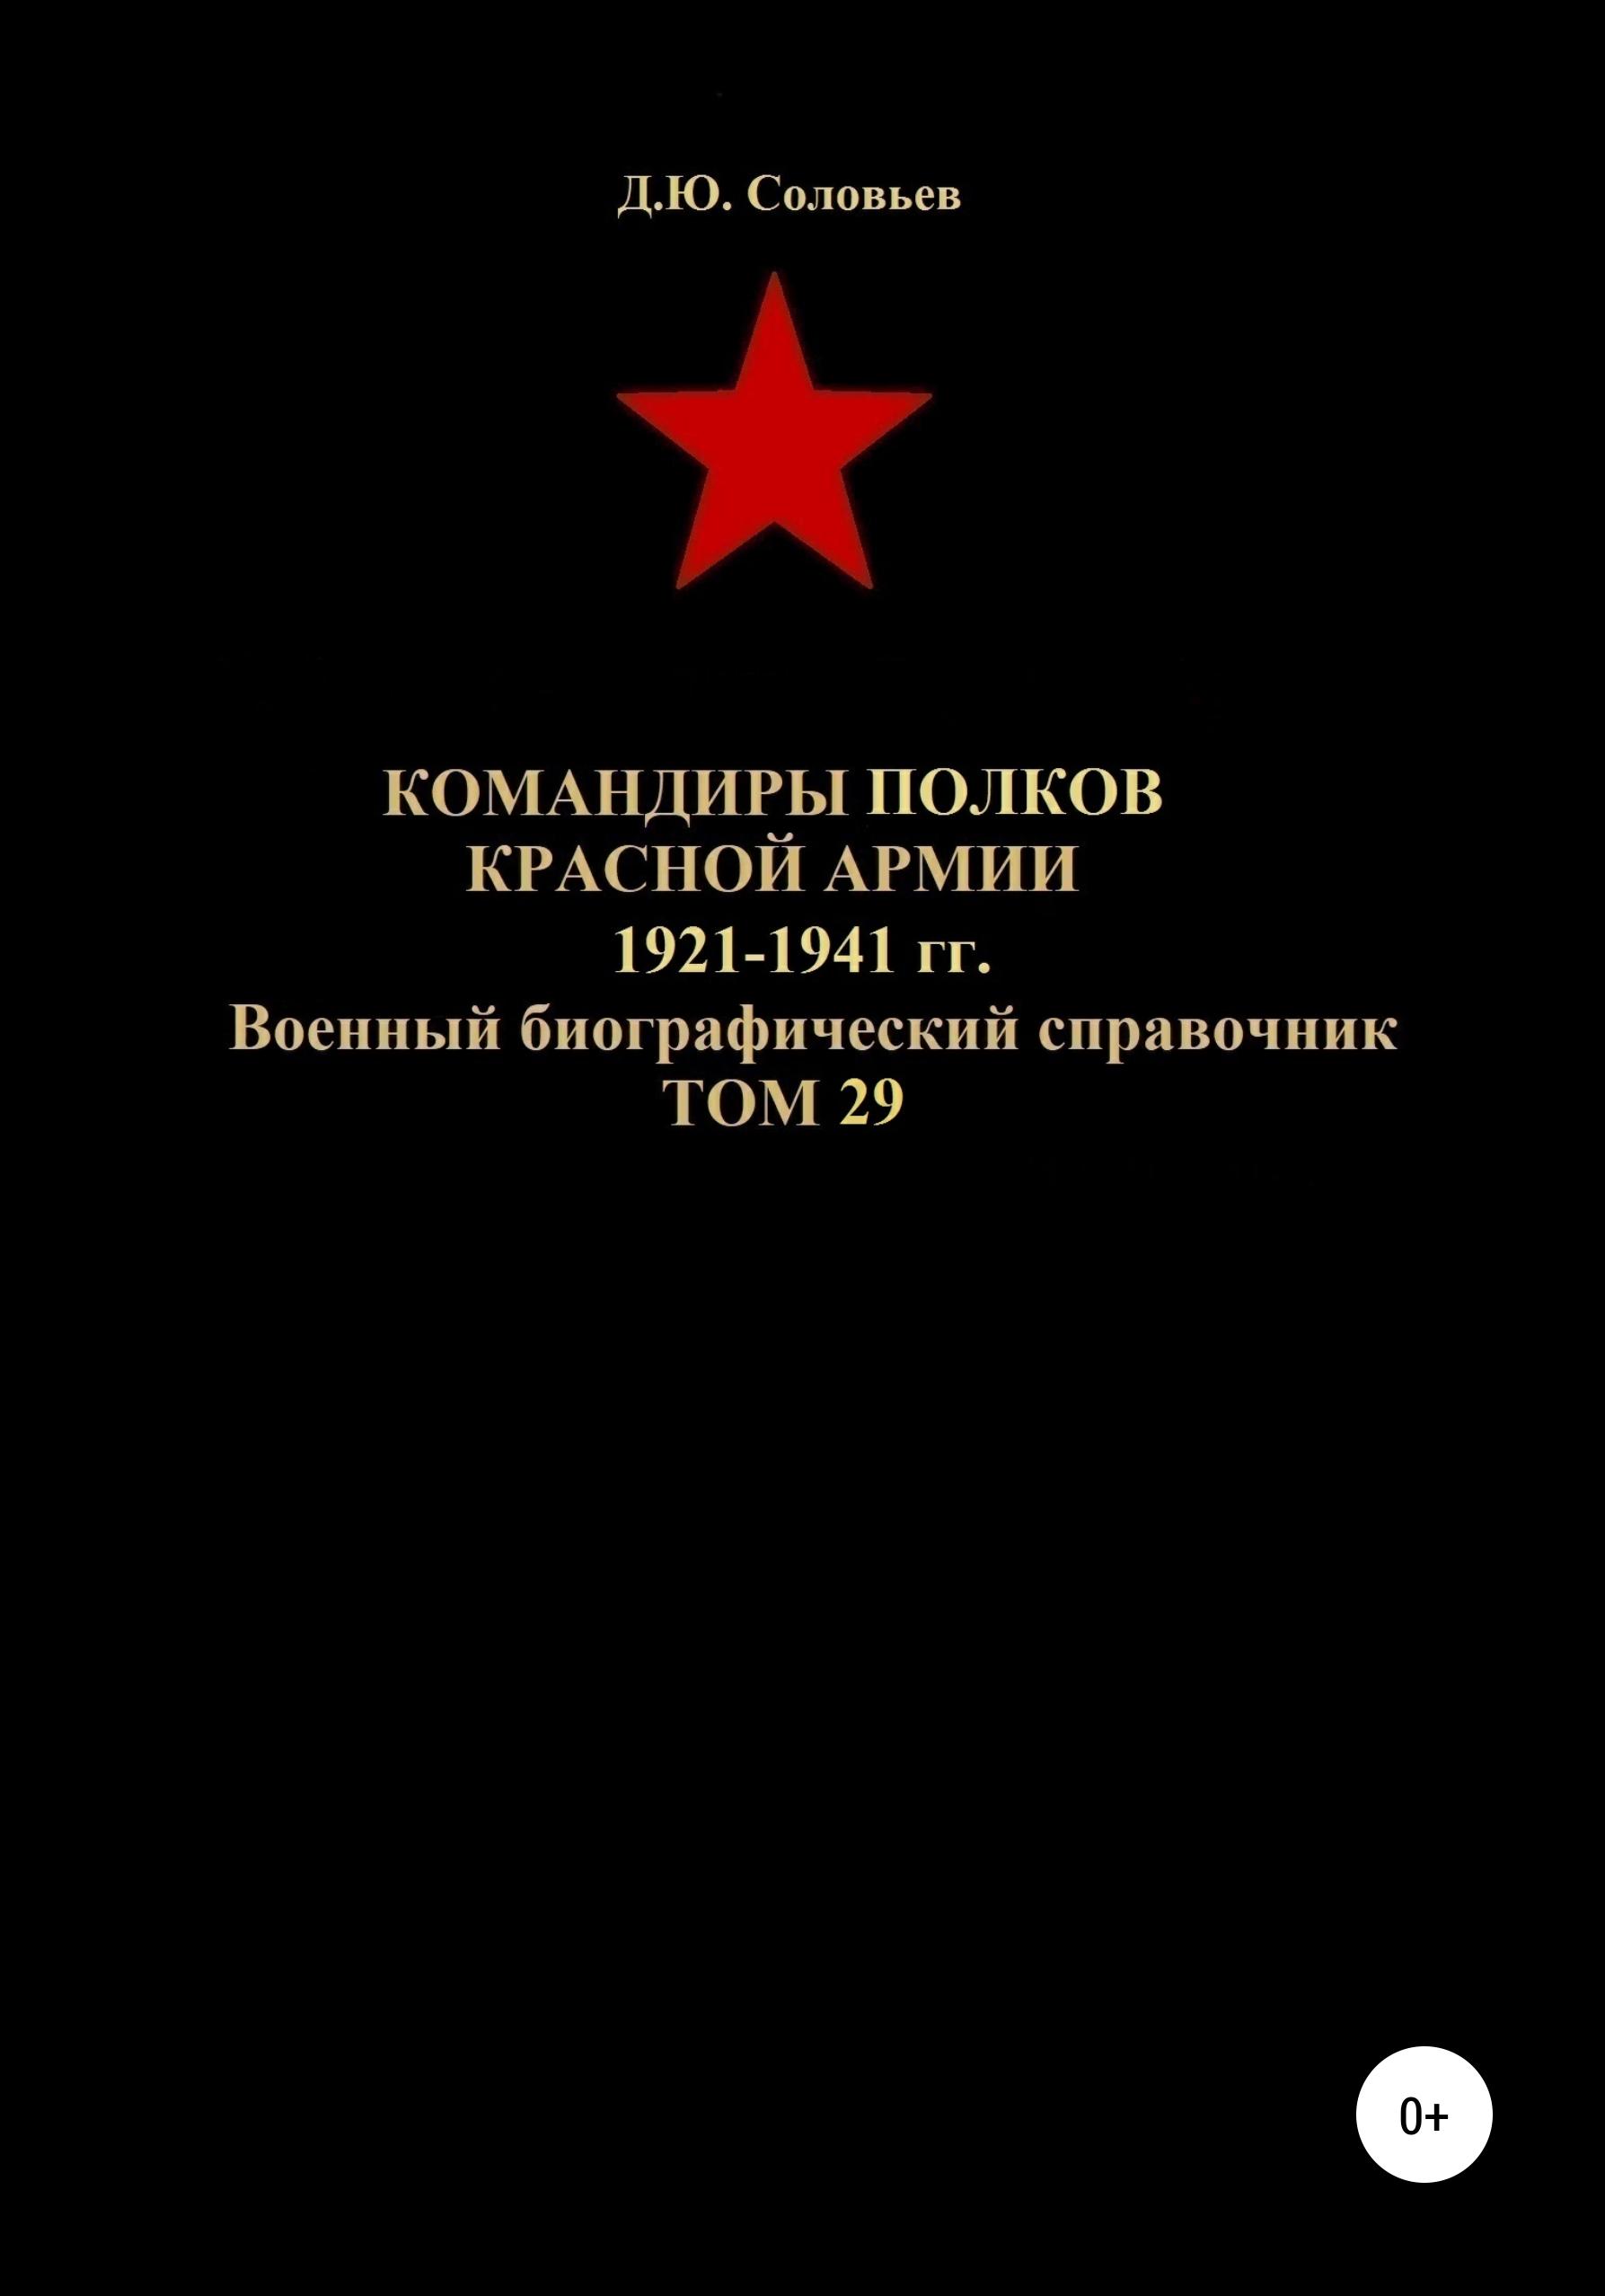 Командиры полков Красной Армии 1921-1941 гг. Том 29